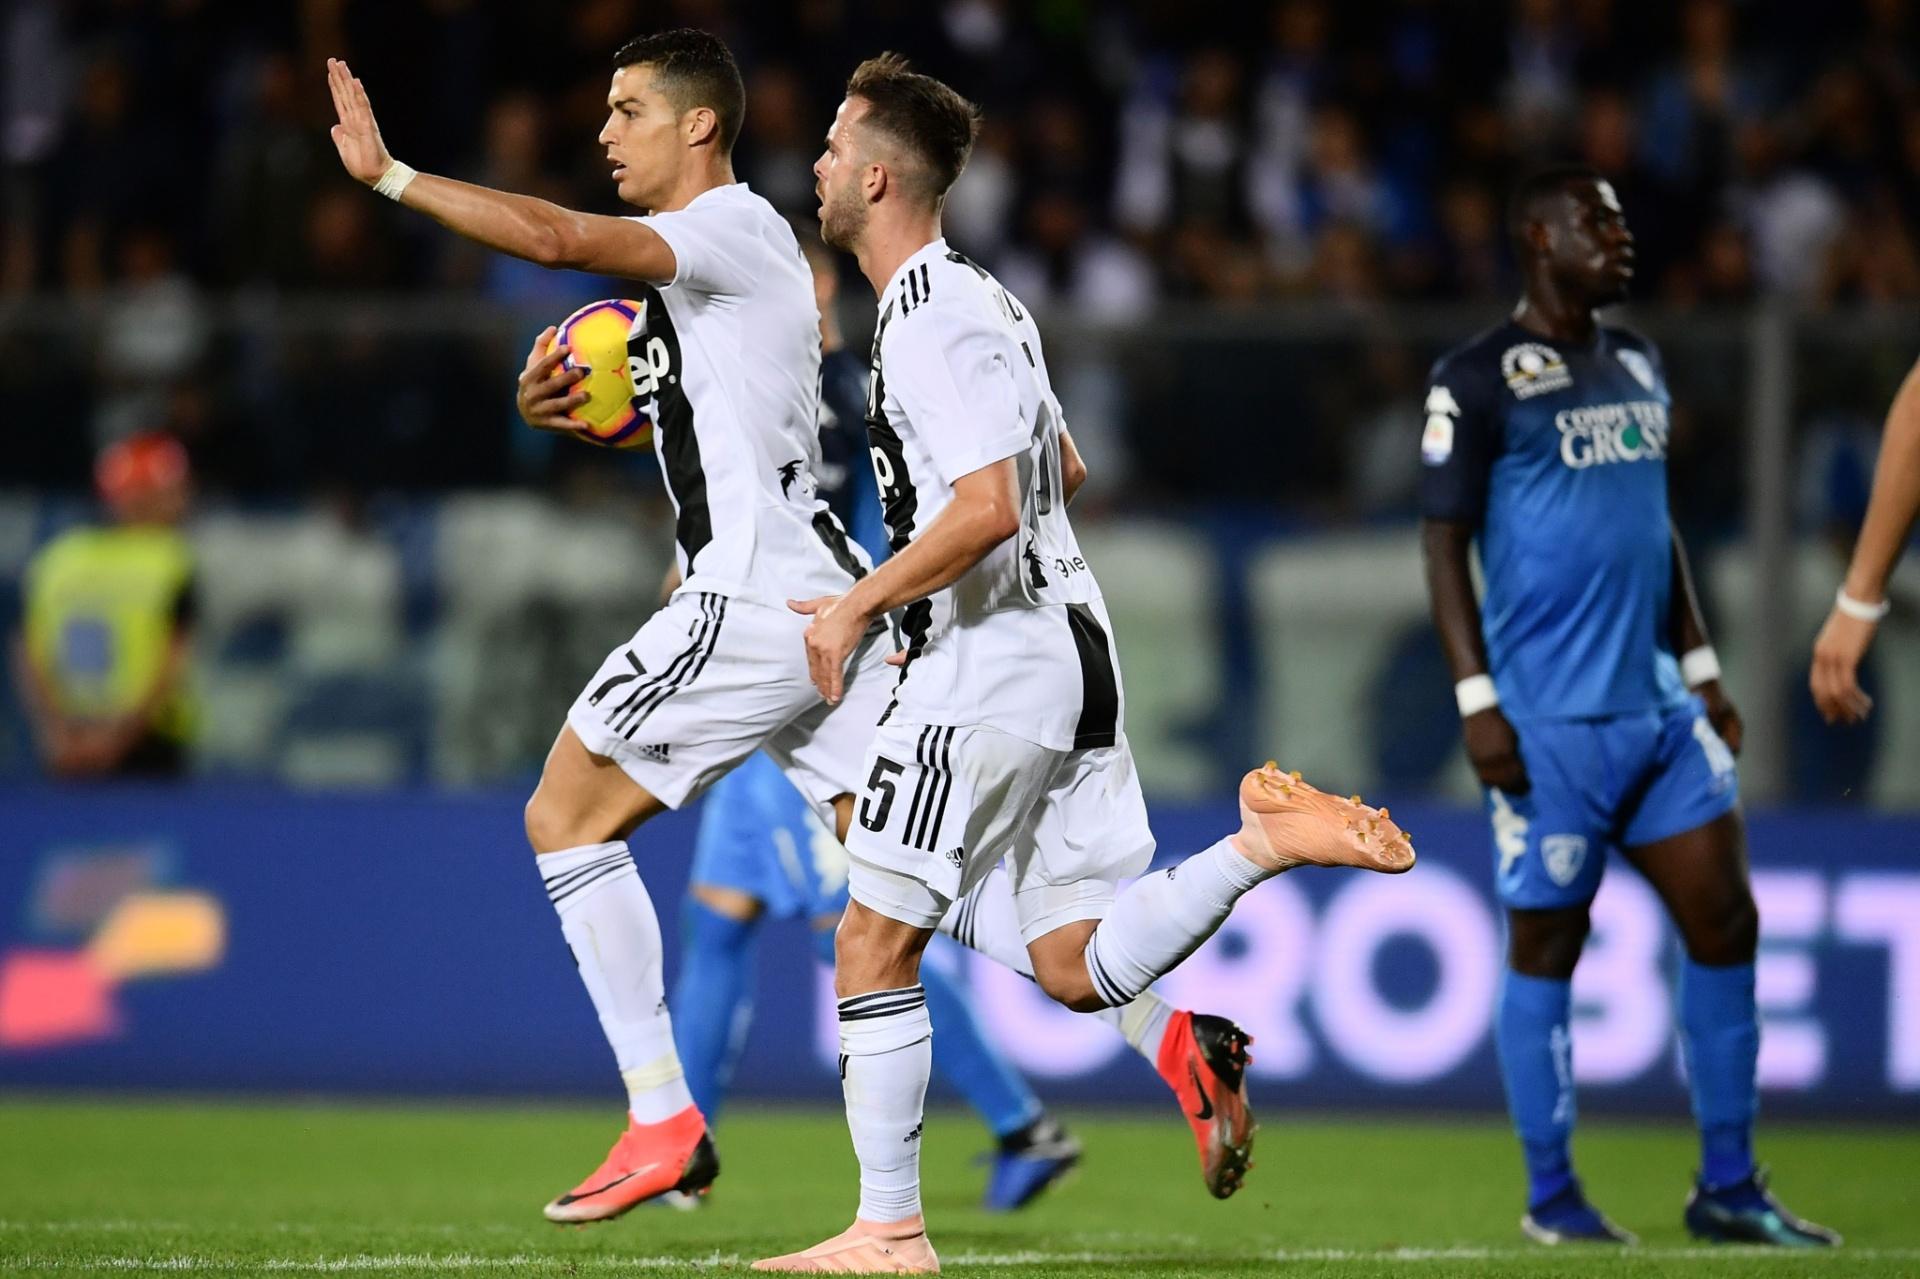 Cristiano Ronaldo faz dois e garante virada da líder Juventus no Italiano -  27 10 2018 - UOL Esporte eb6f33d6e2108